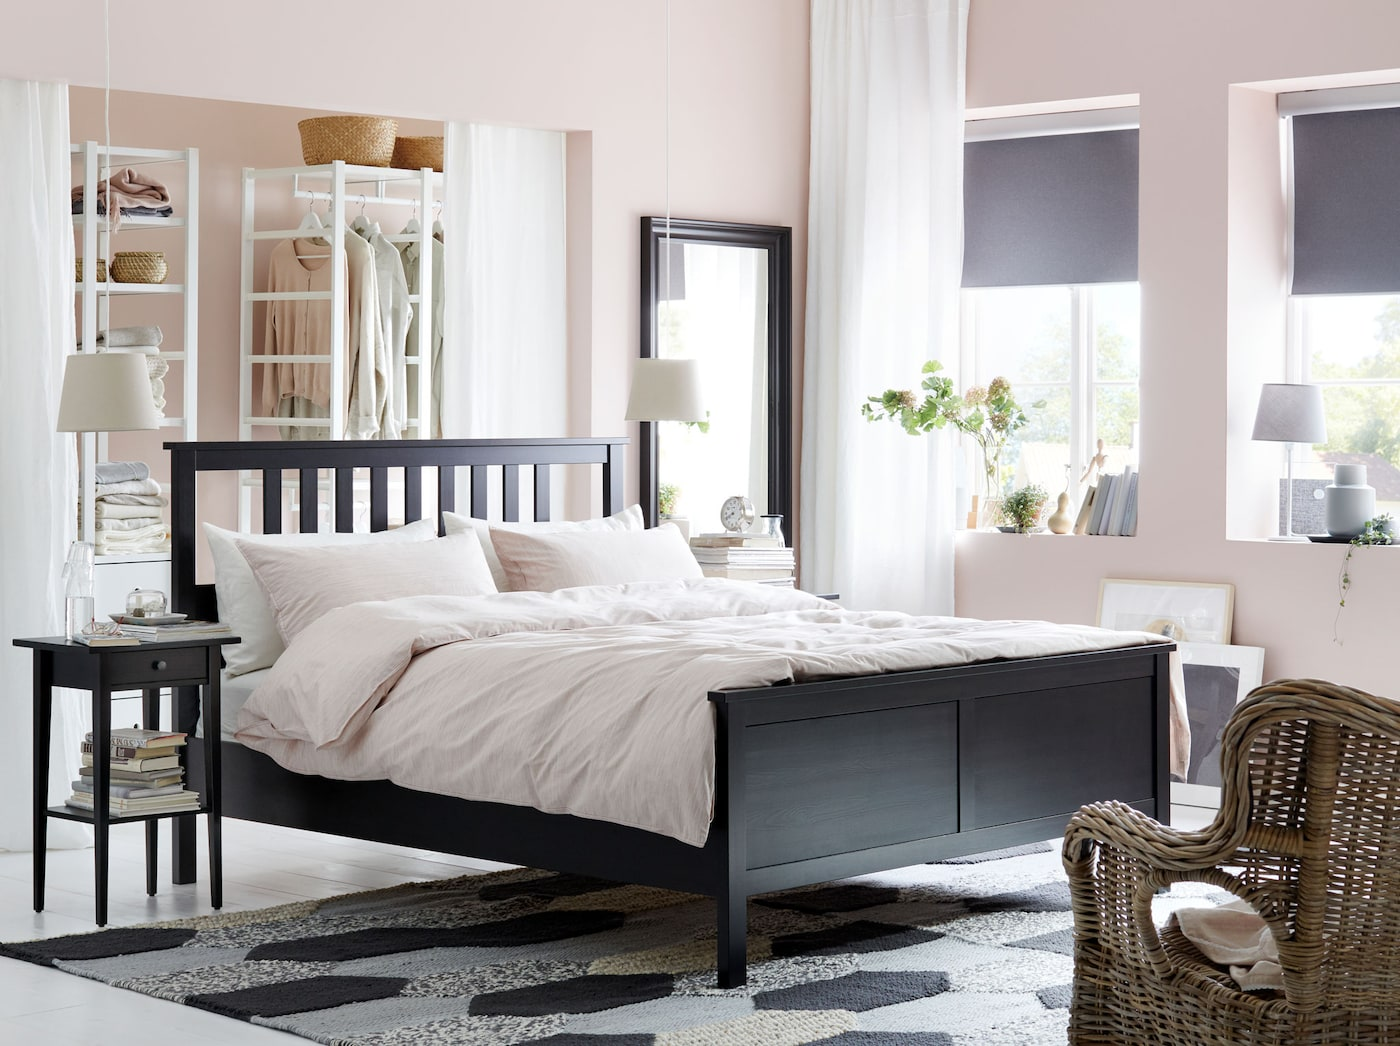 Une chambre à coucher stylée sous tous les angles - IKEA